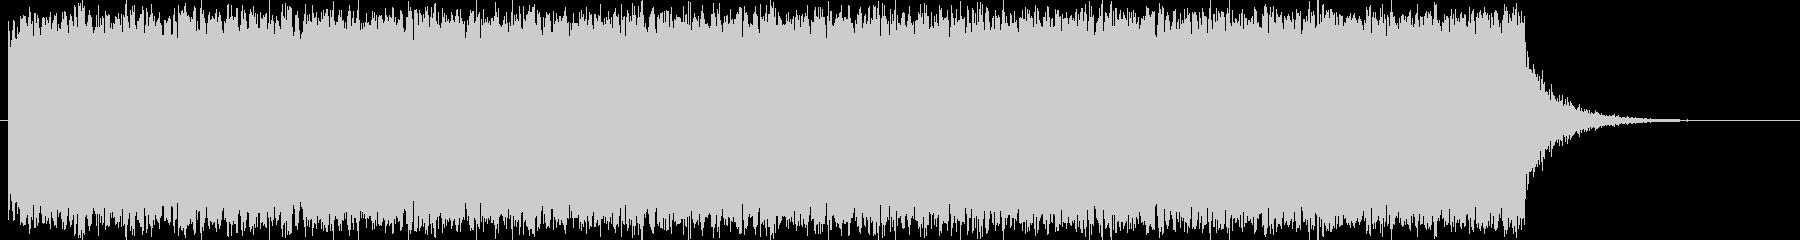 アラーム音・警報音|シンプルの未再生の波形